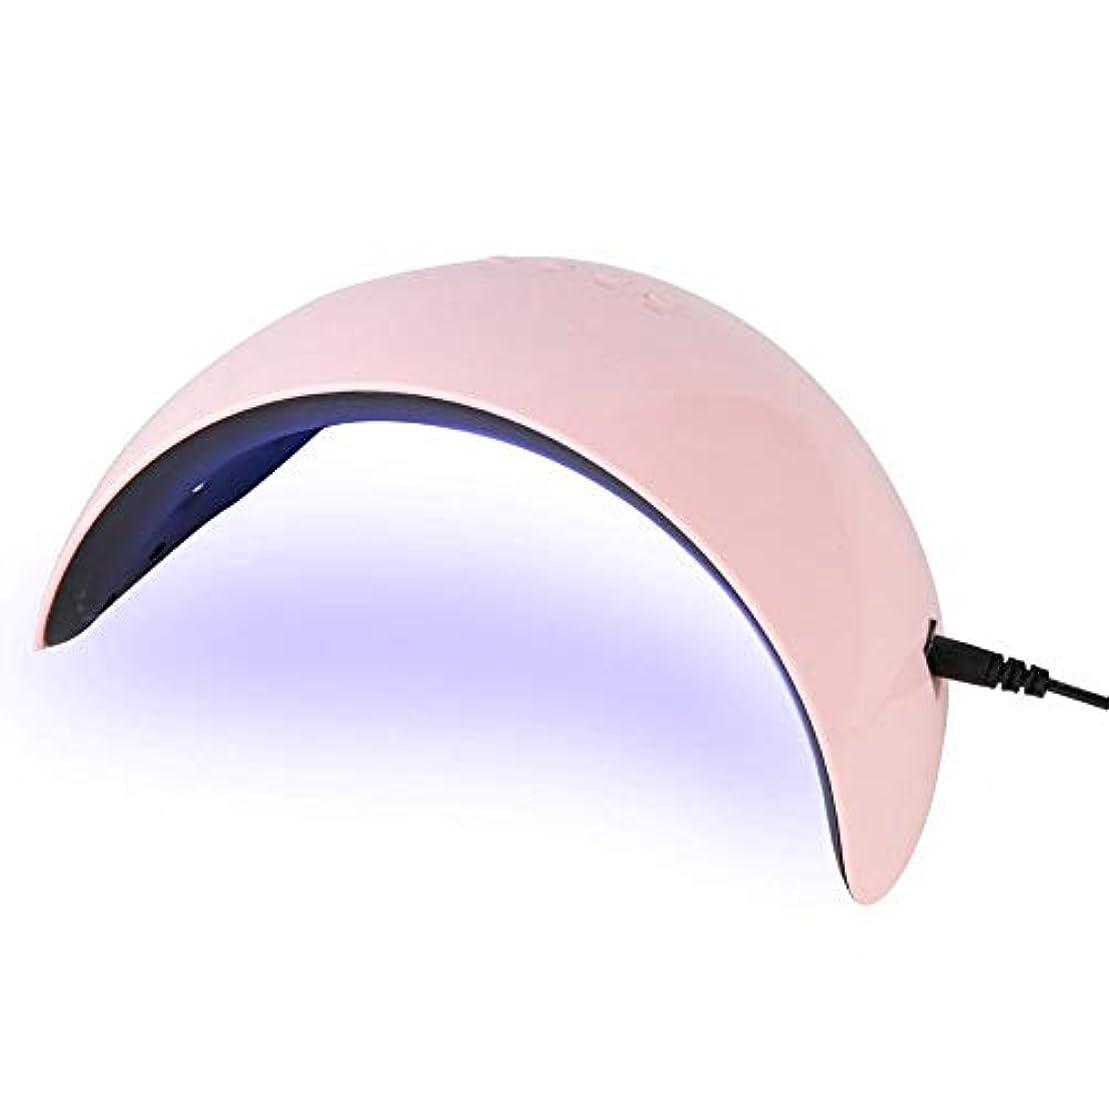 やめる郵便番号乏しいプロフェッショナルネイル用UVランプ、LEDネイルドライヤー、ネイルランプネイルライトネイルドライヤーネイル用プロフェッショナルサロンネイルポリッシュランプネイルジェルポリッシュランプマニキュア高速乾燥ライト36W(#01)